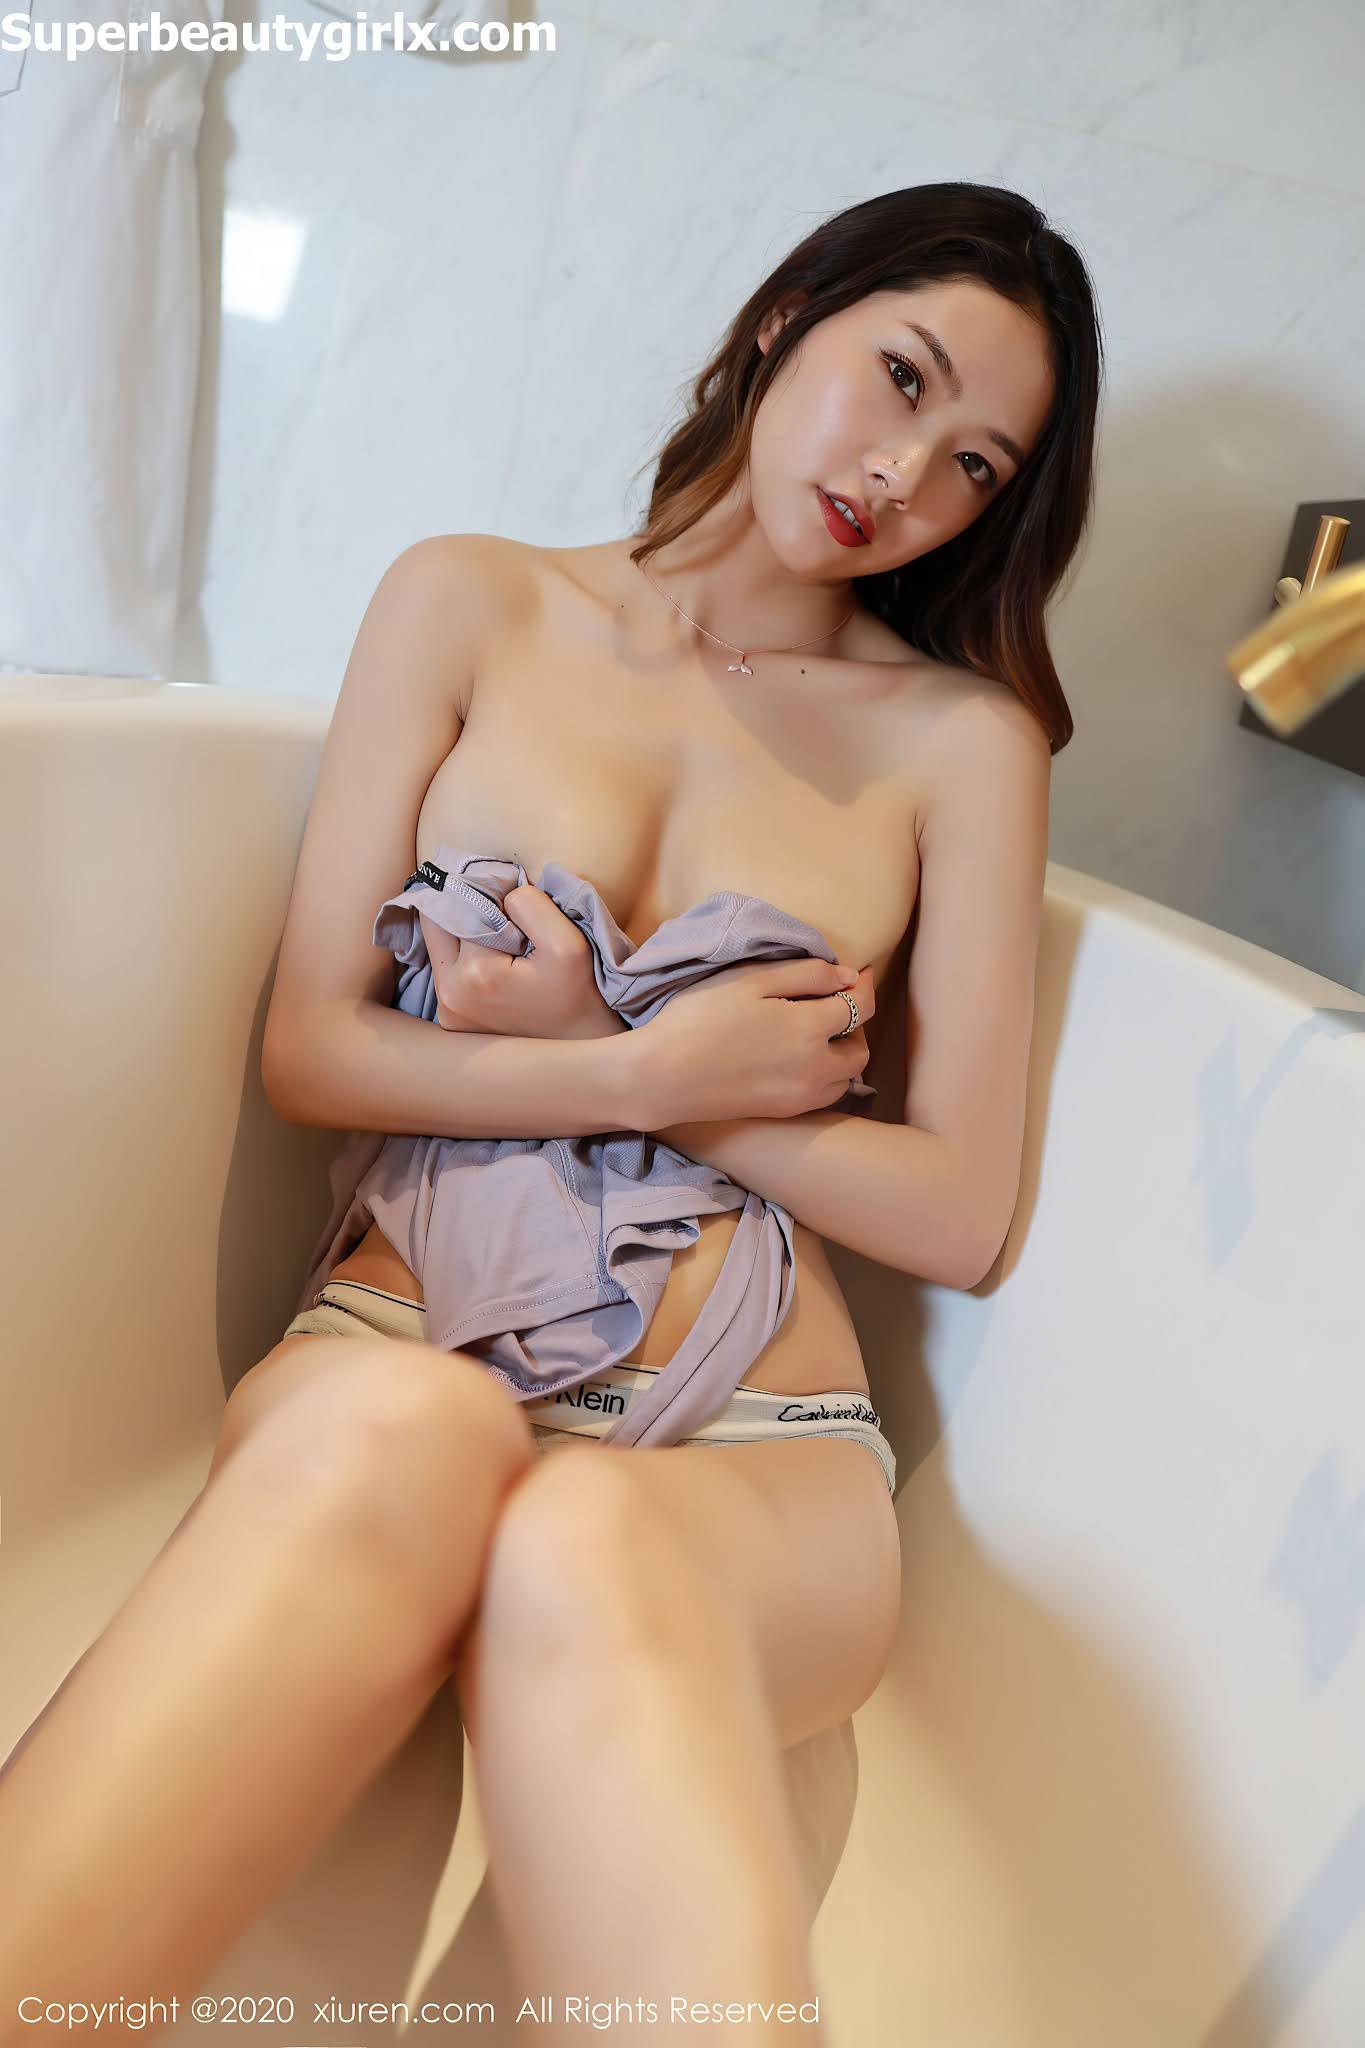 XIUREN-No.2926-Fang-Zi-Xuan-Superbeautygirlx.com